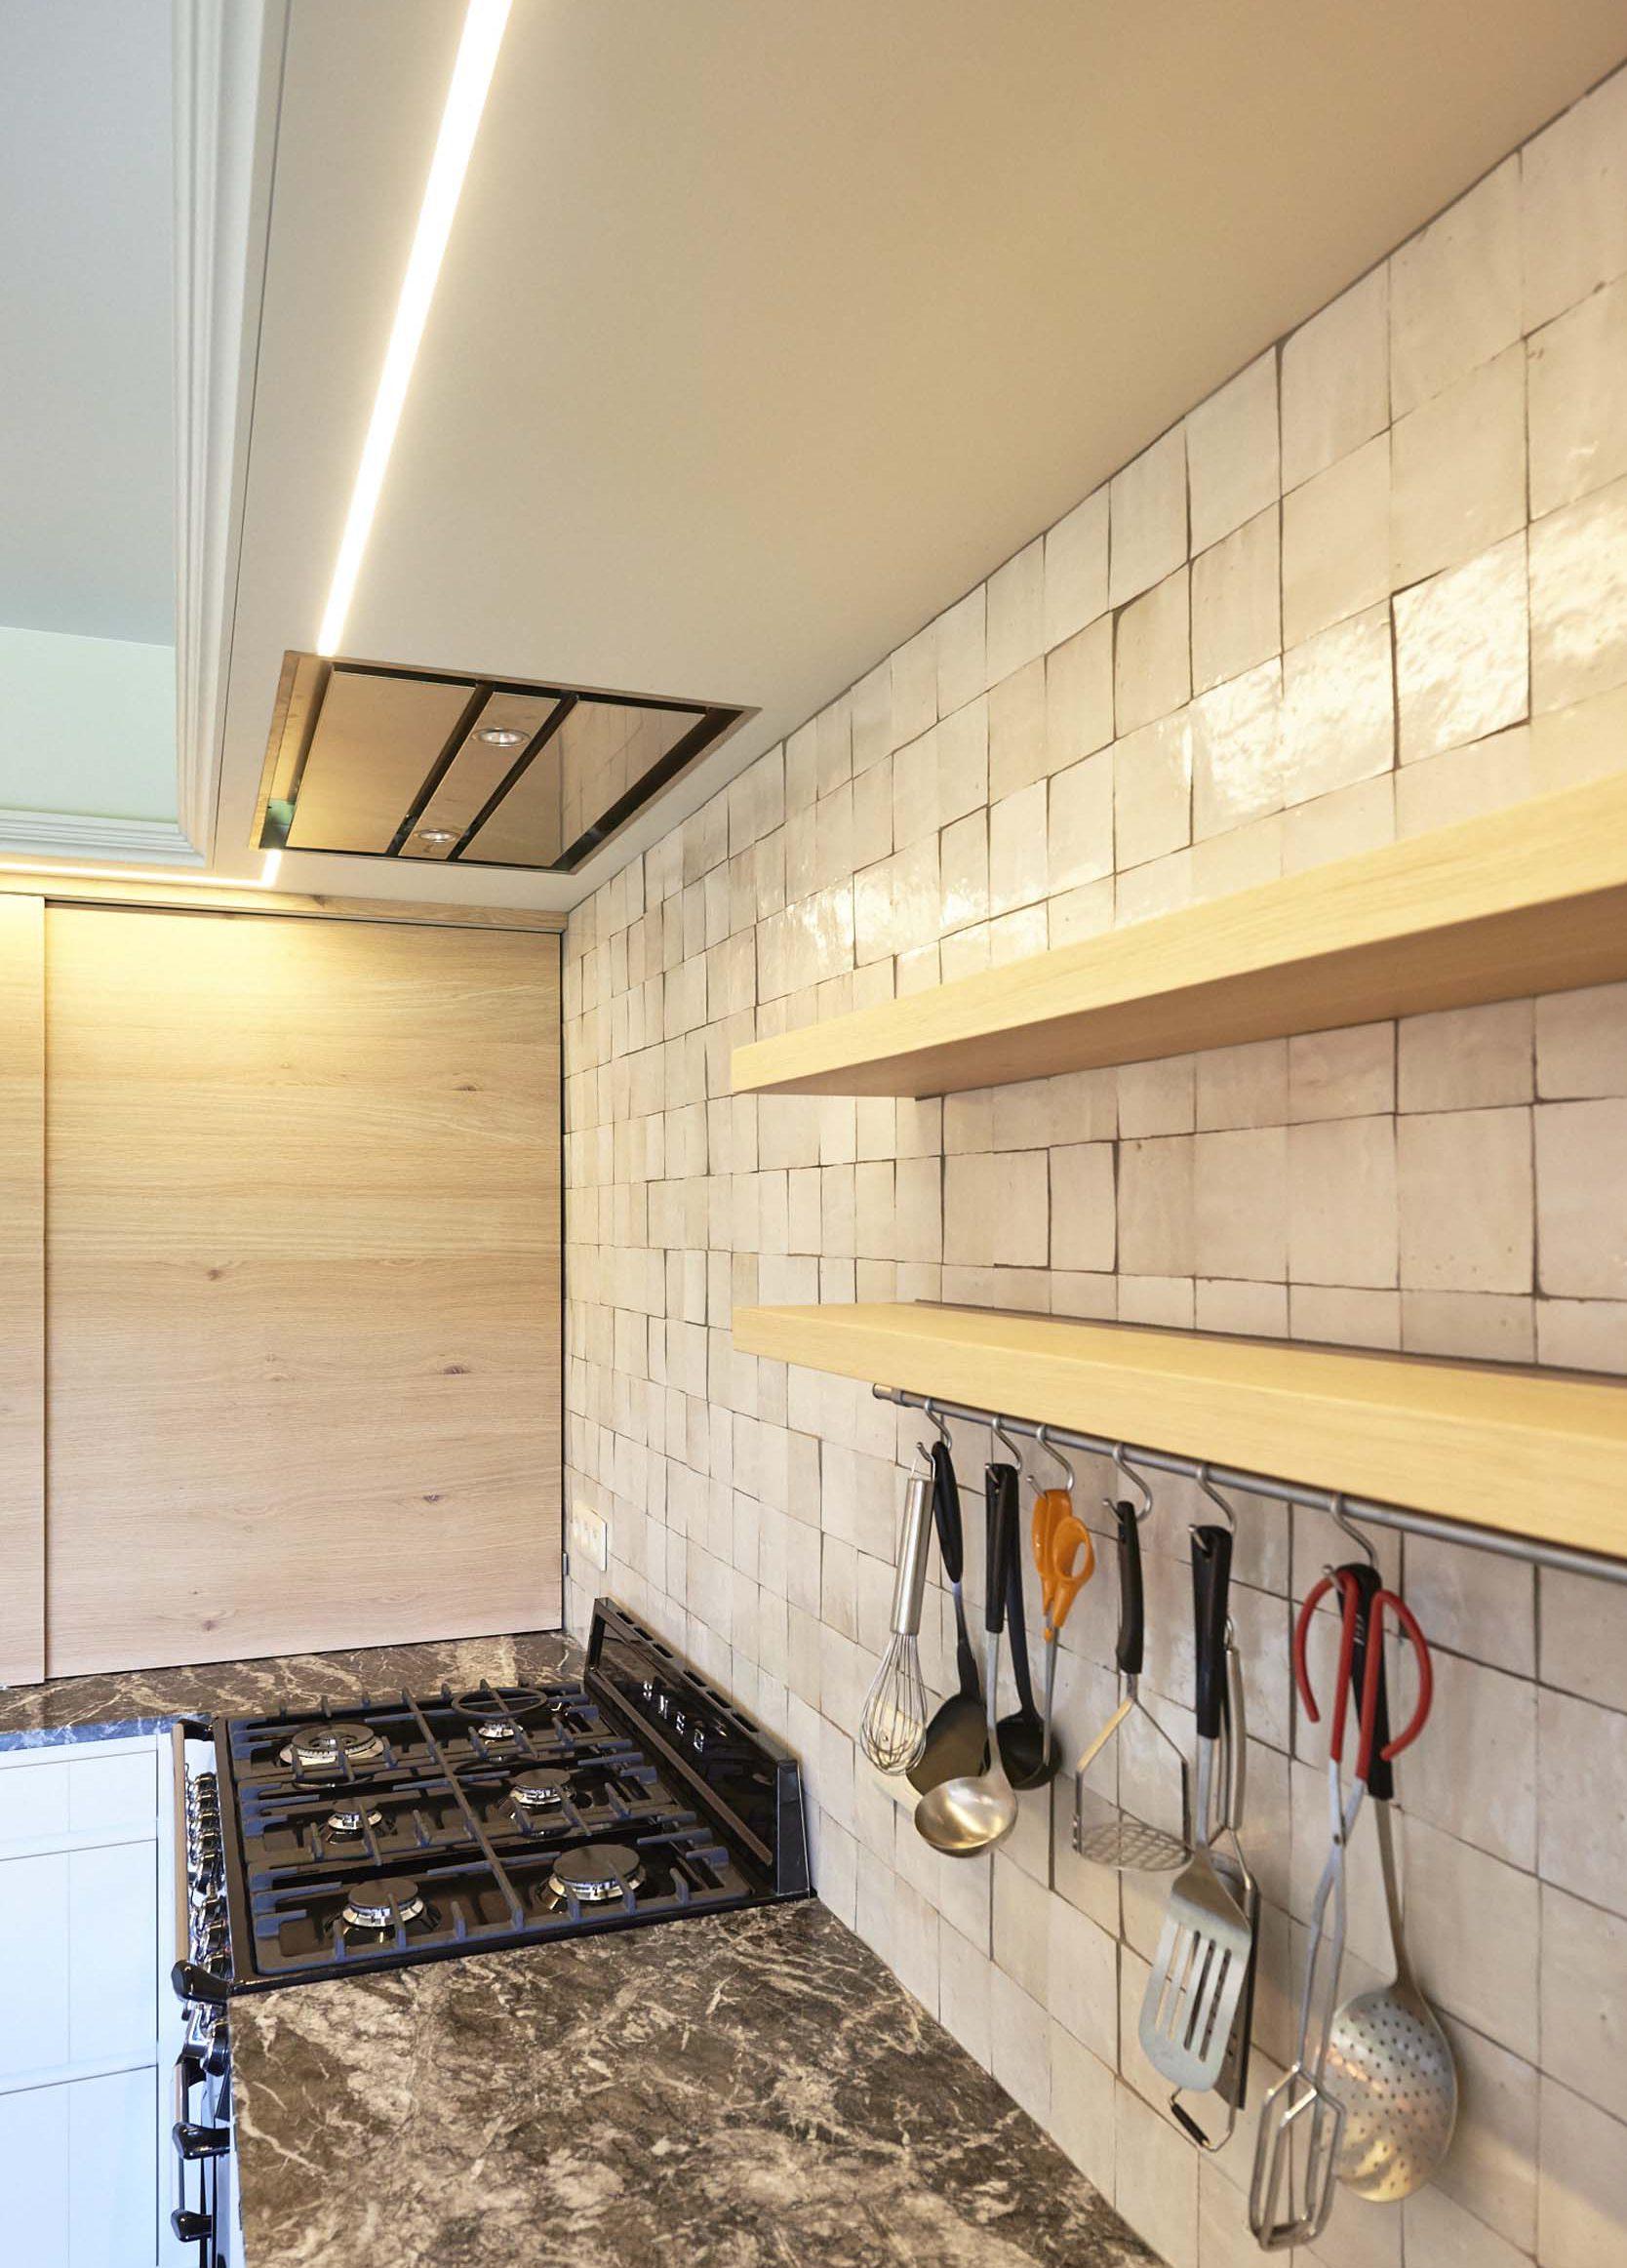 Vanda-projects-interieurinrichting-meubelmakerij-oost-vlaanderen-dumoulin-afzuigkap